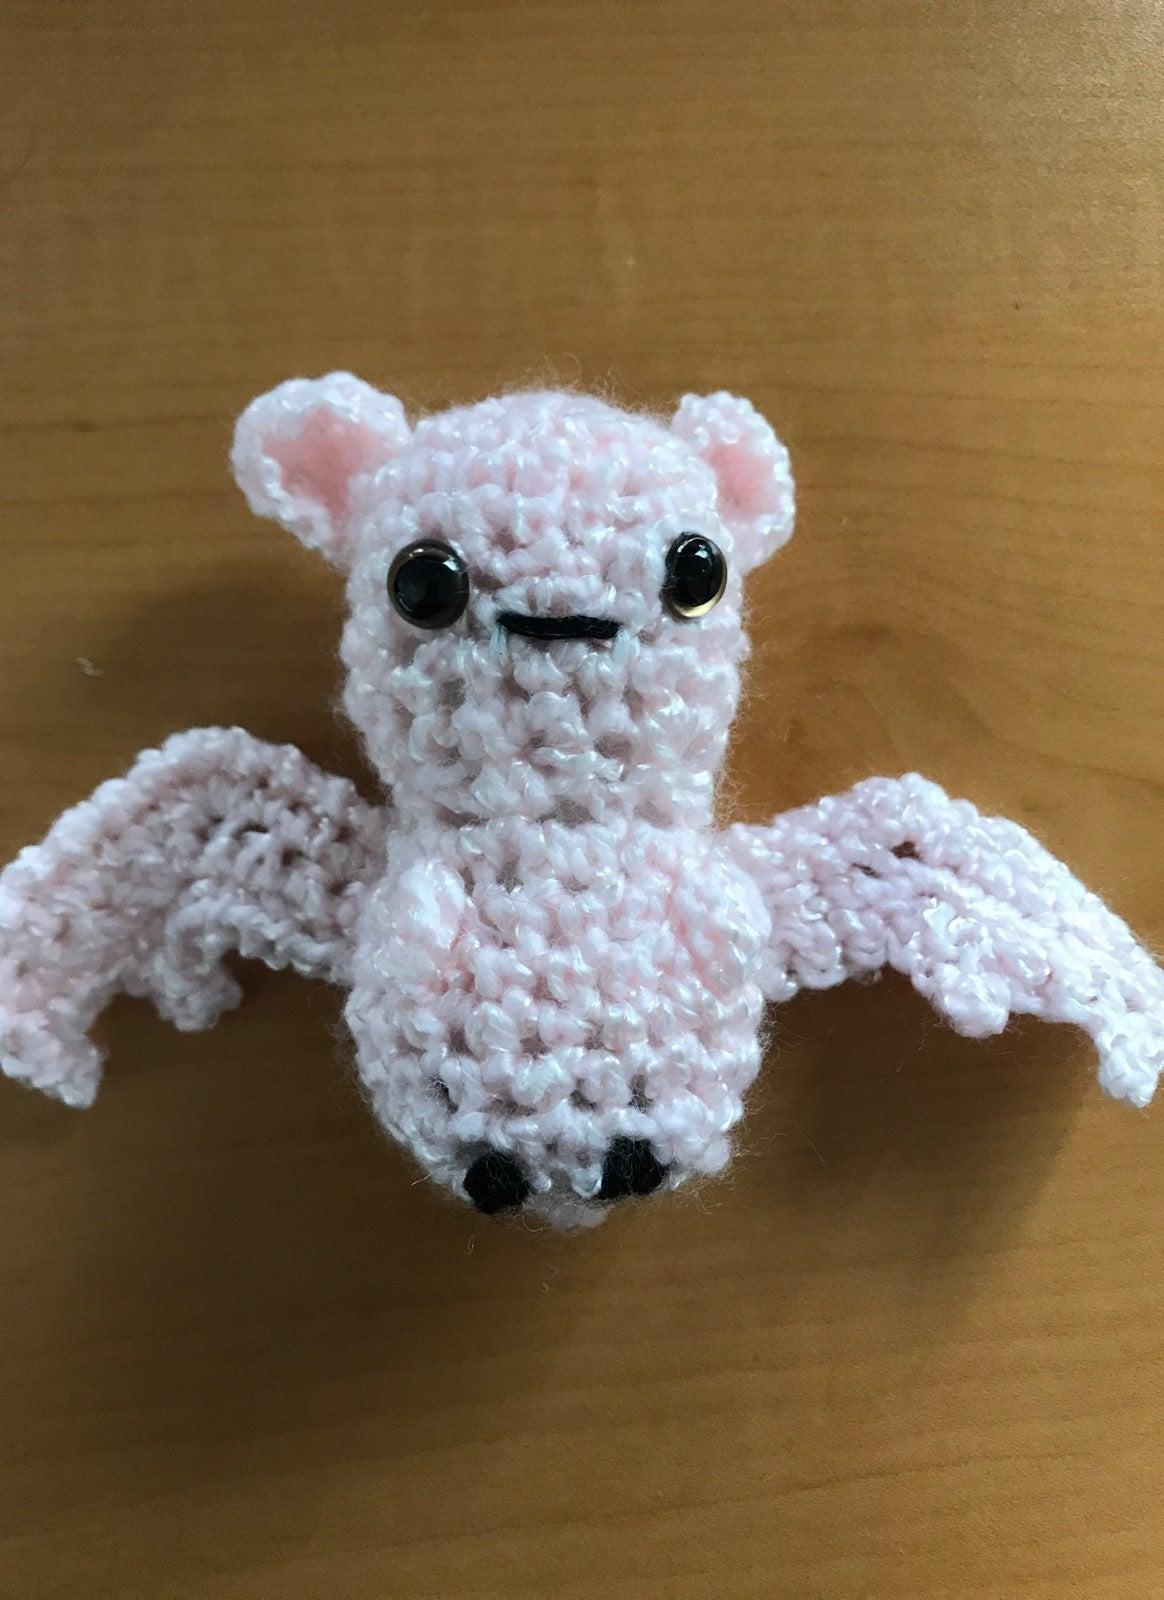 Amigurumi Crocheted Bat